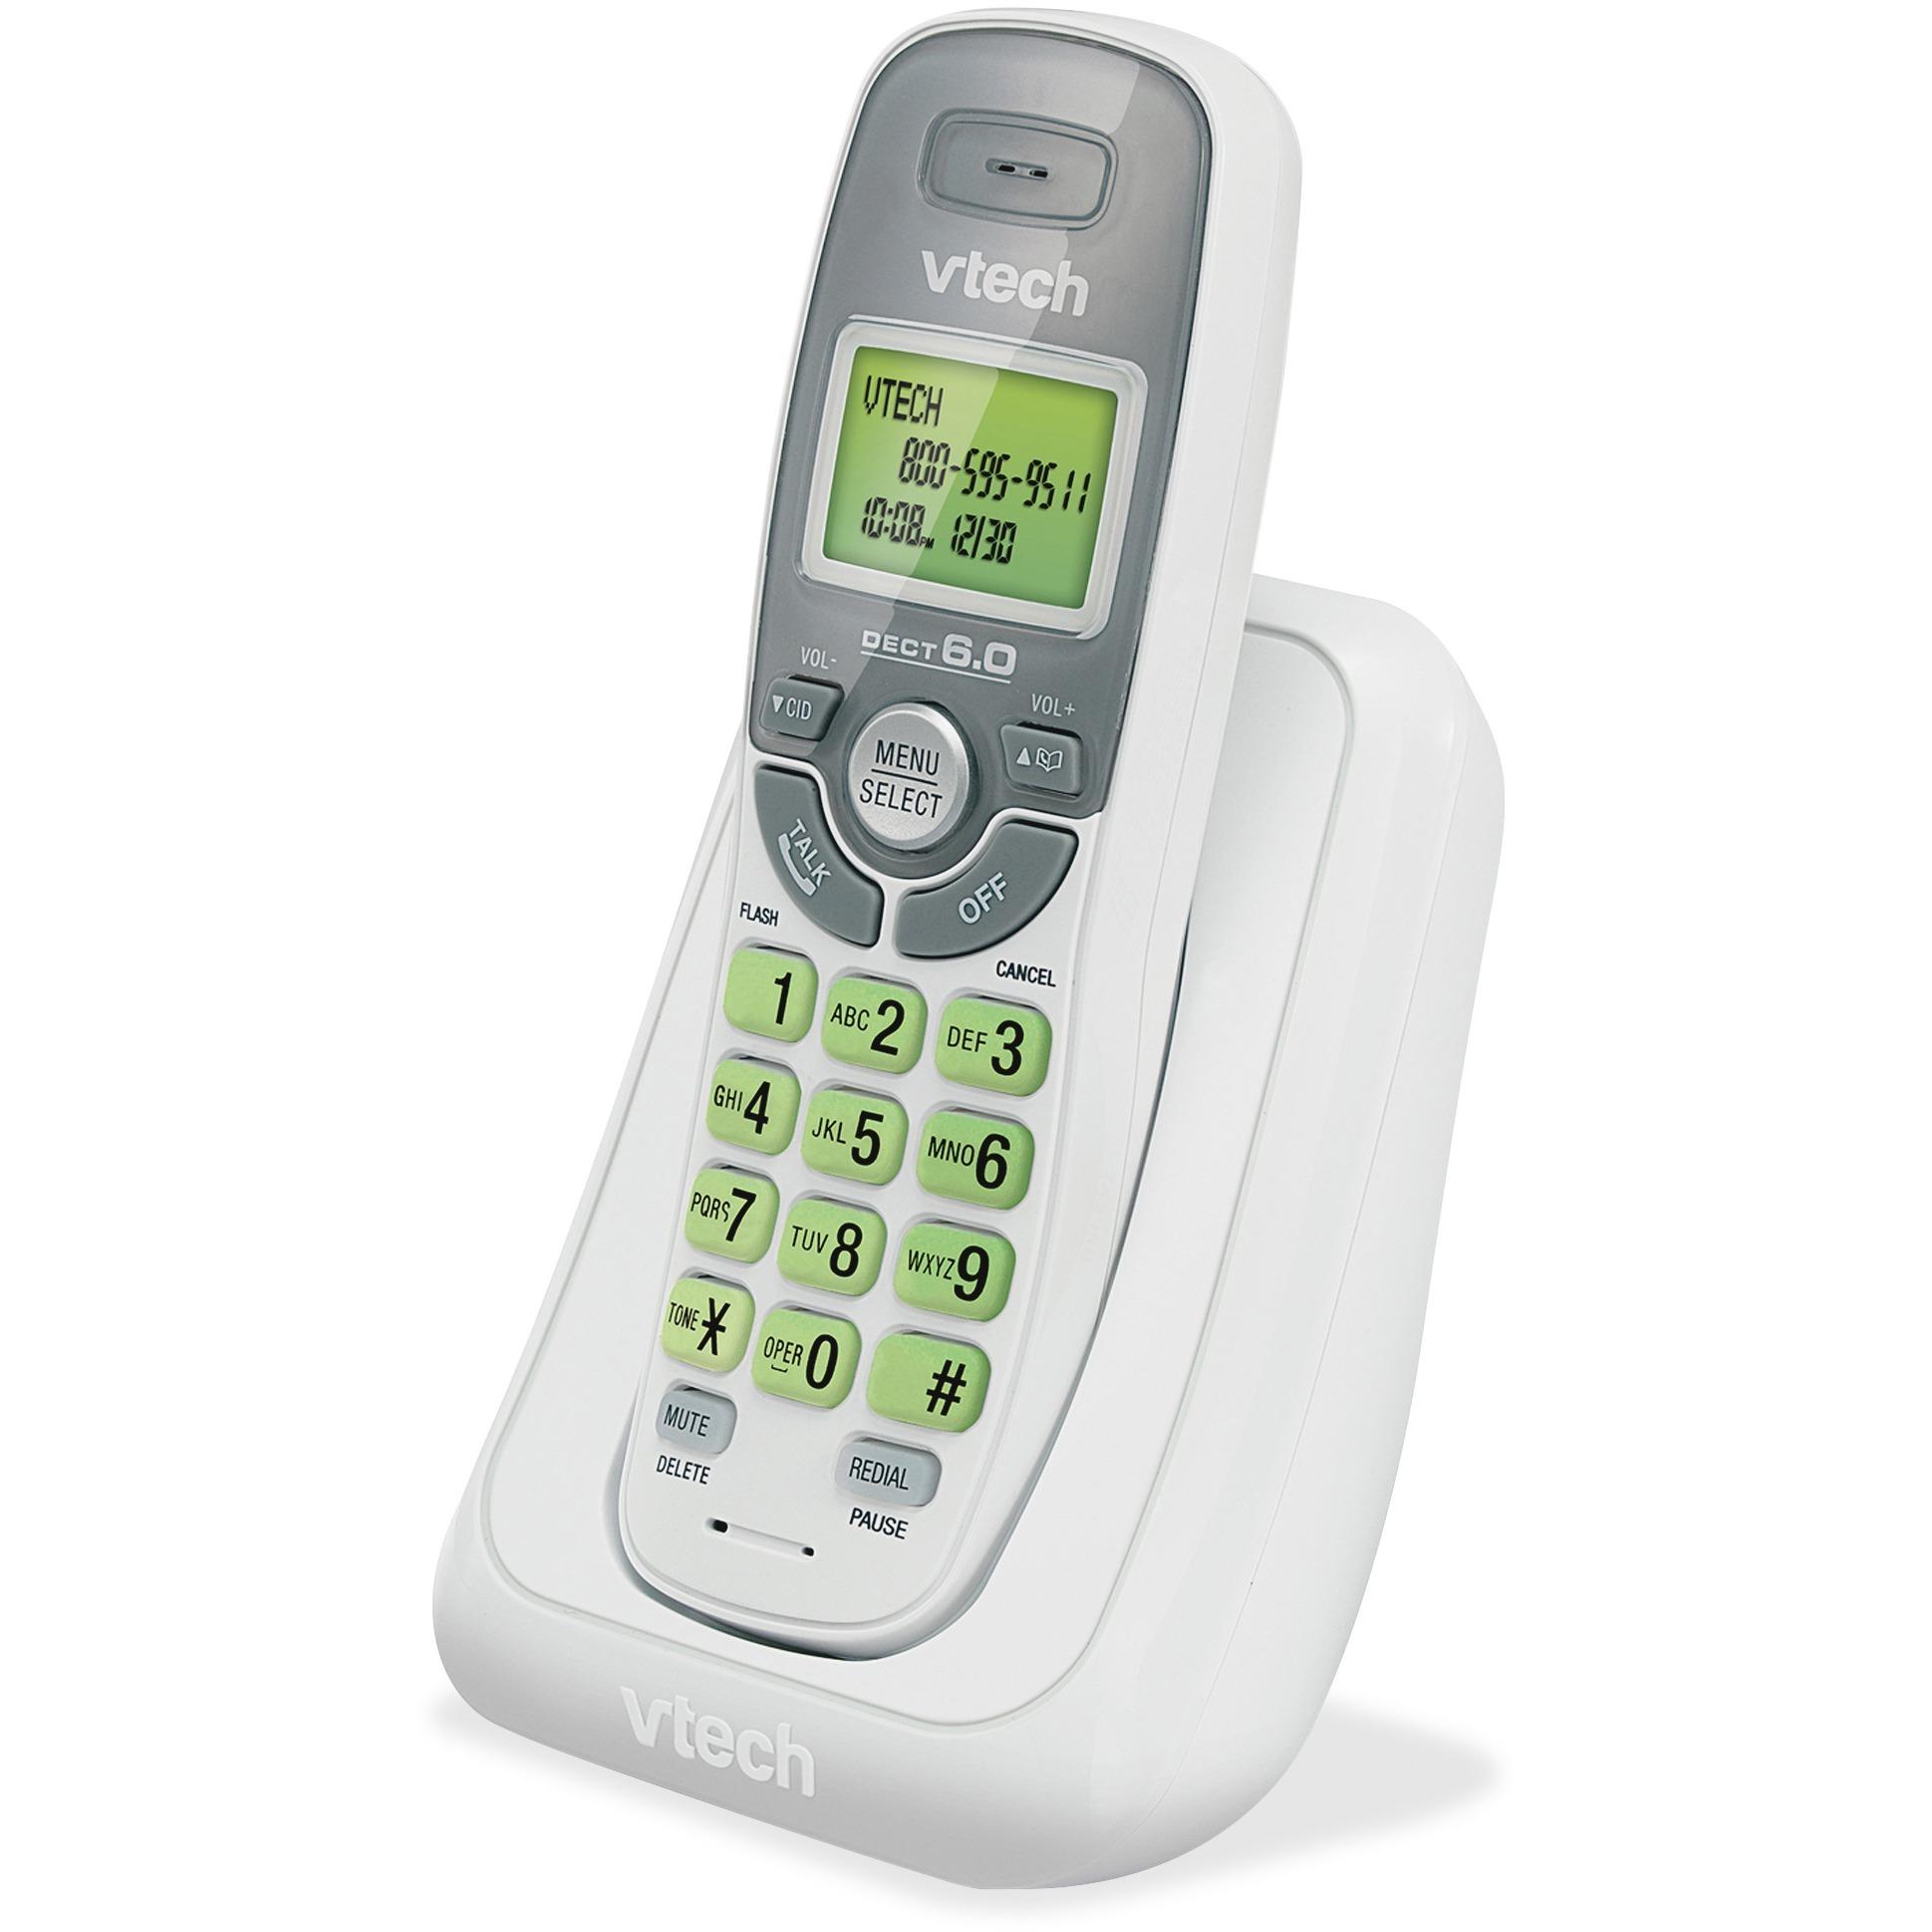 vtech cs6114 dect 6 0 cordless phone with caller id call waiting rh shopbulldog com VTech Handset Manual VTech Cordless Phone Manuals